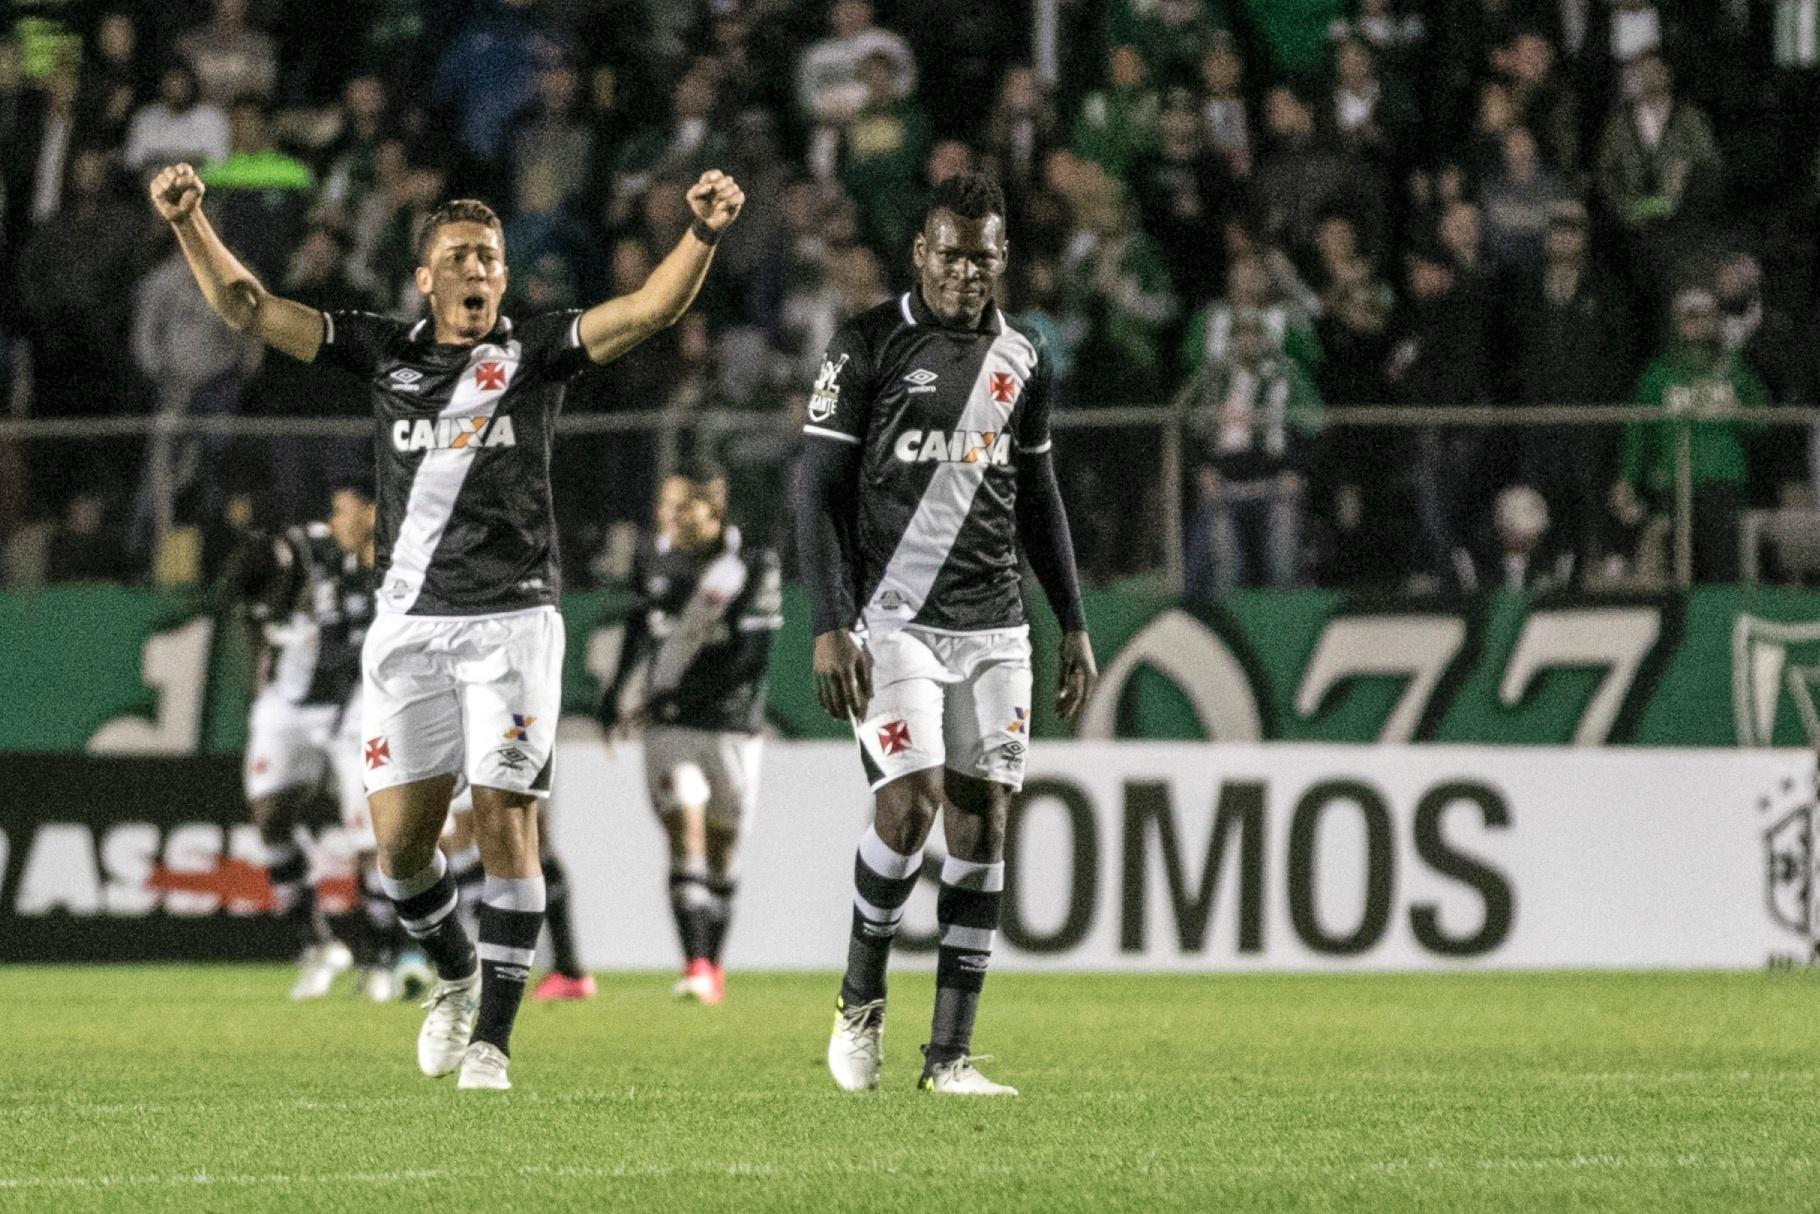 Jogadores do Vasco comemoram gol marcado por Thalles pelo Vasco